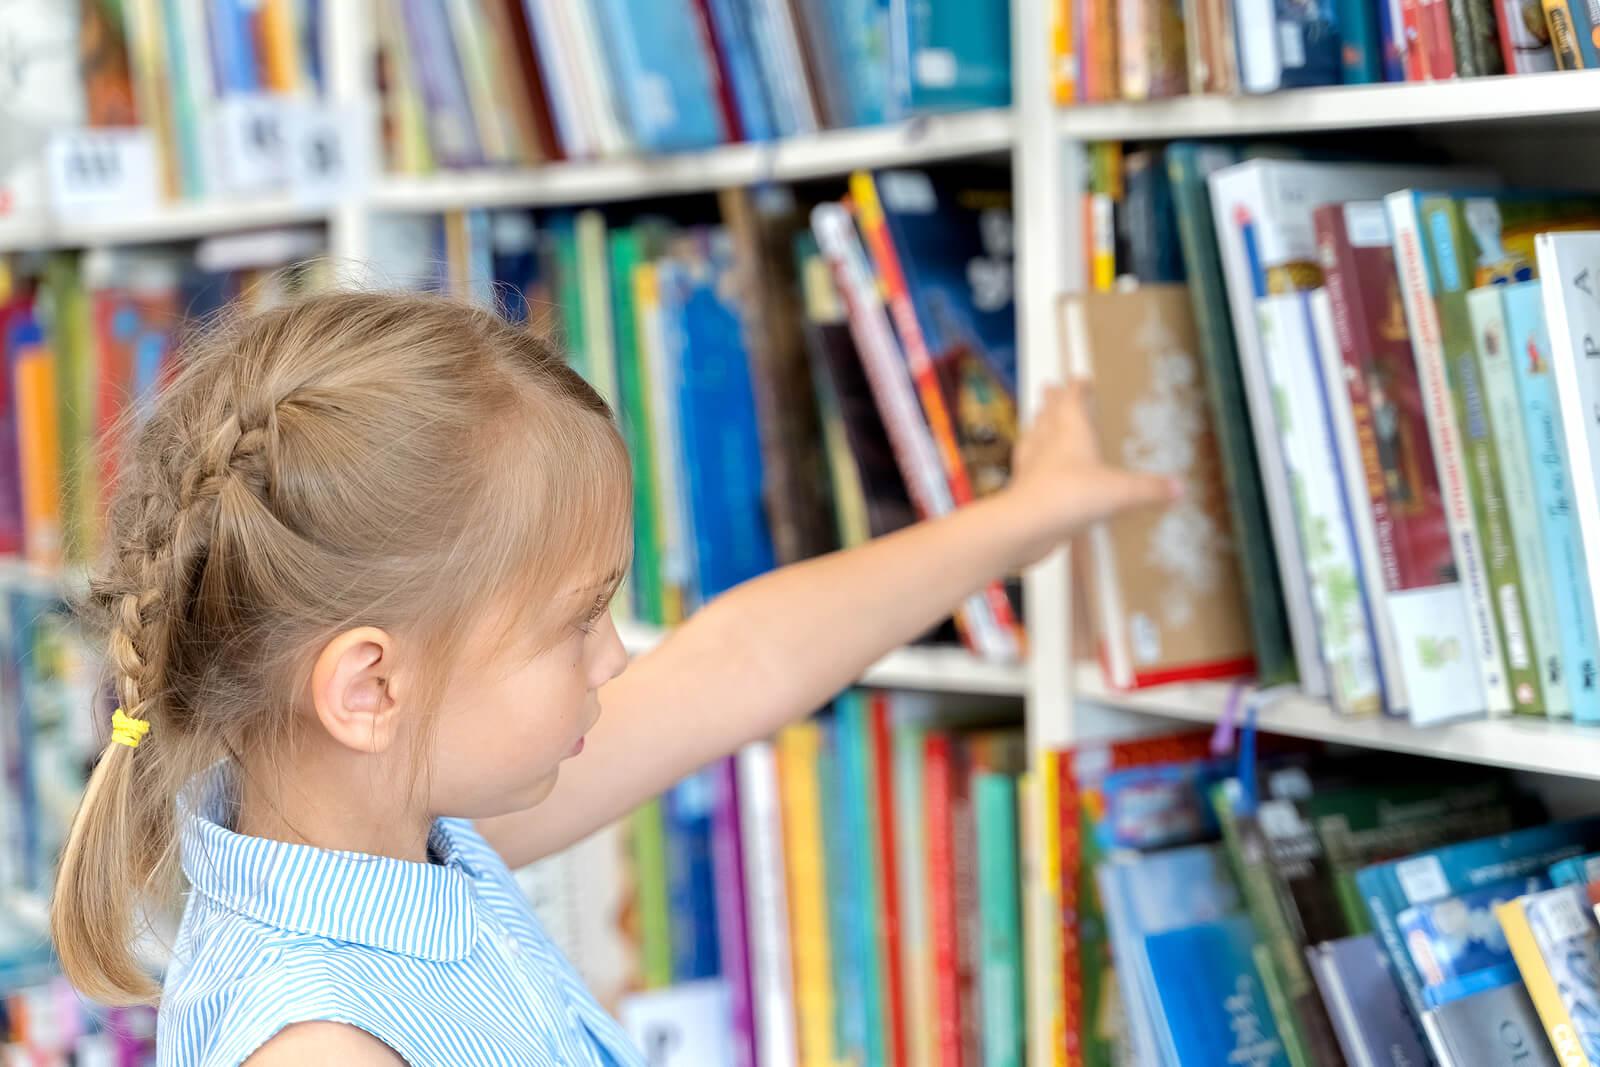 Niña con altas capacidades cogiendo un libro de la biblioteca.